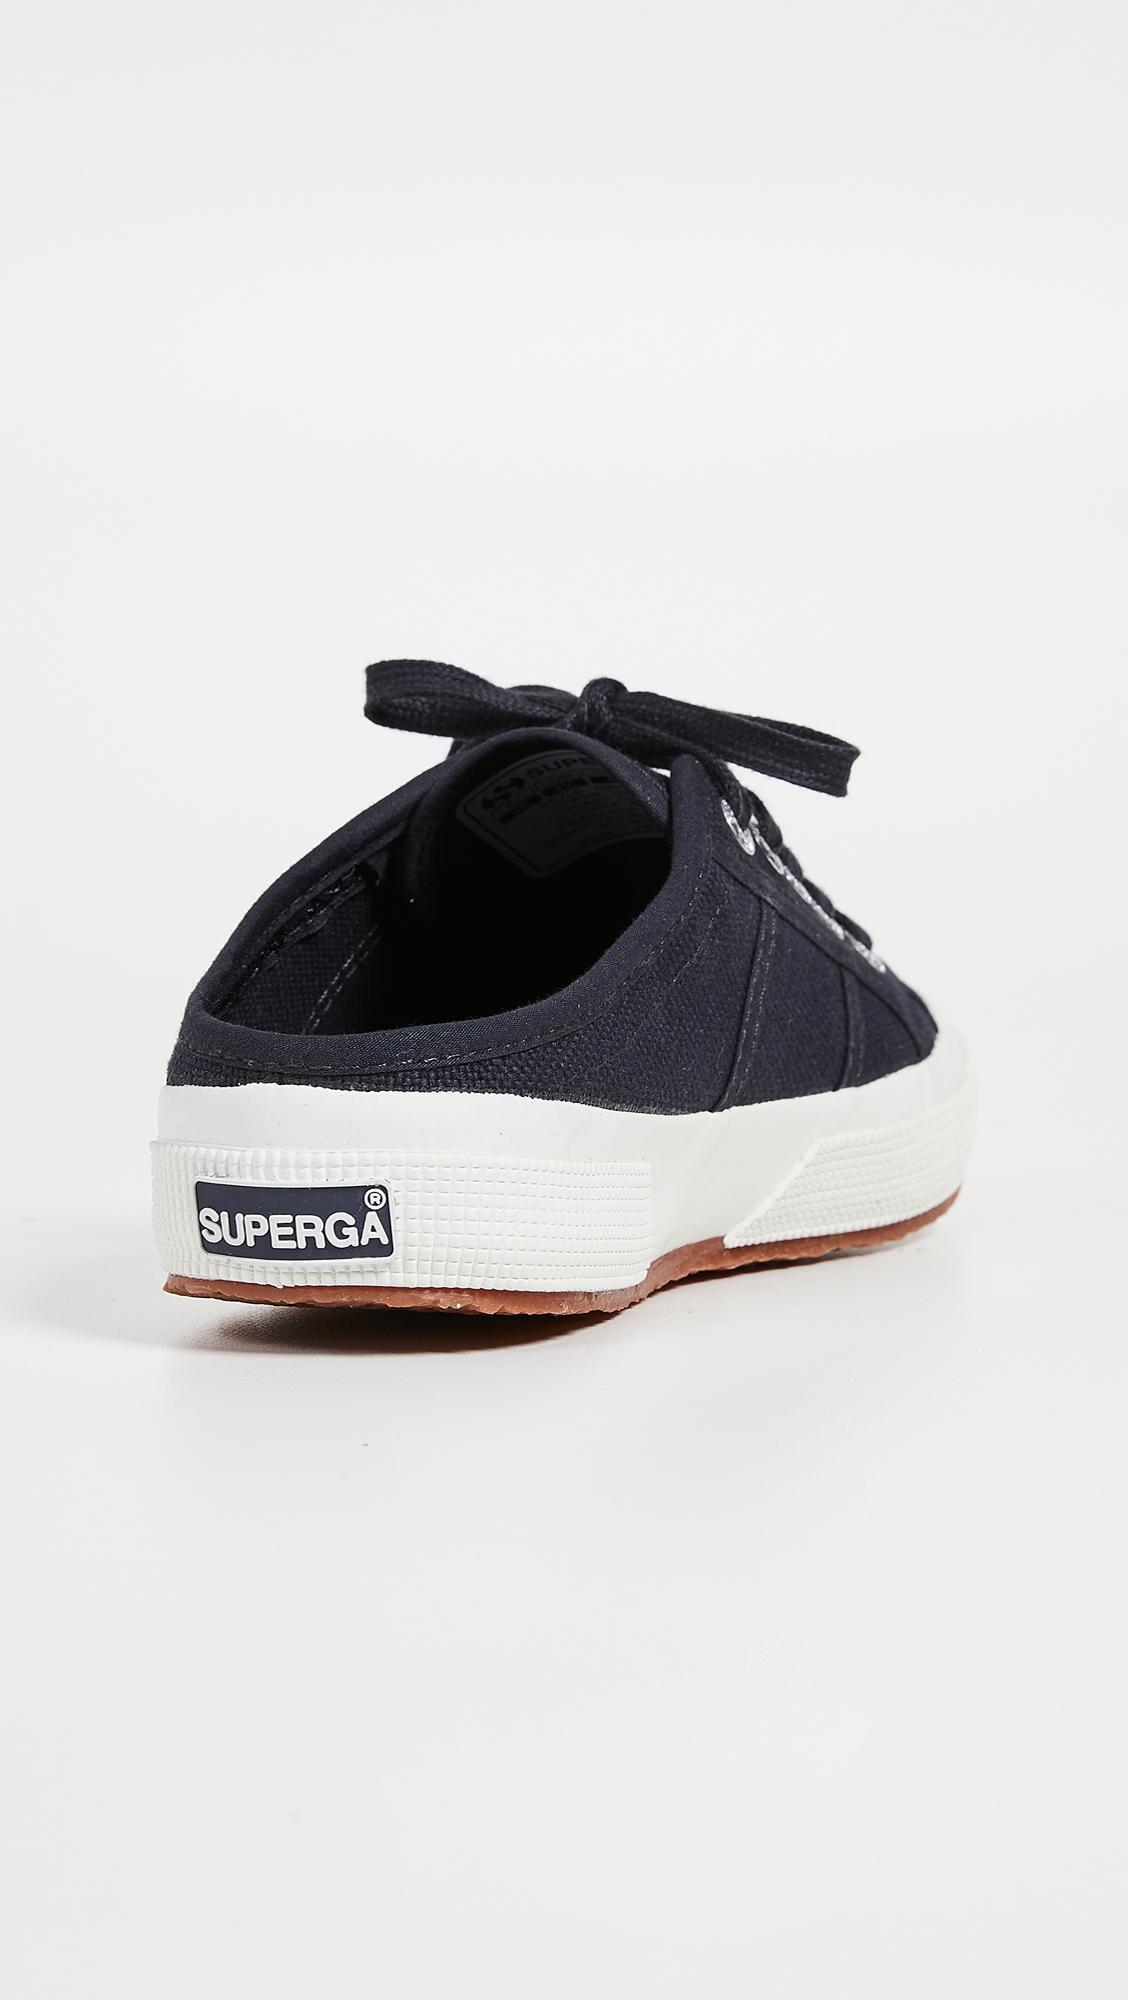 Superga Canvas 2551 Cotu Mule Sneakers in Blue Graphite (Blue)